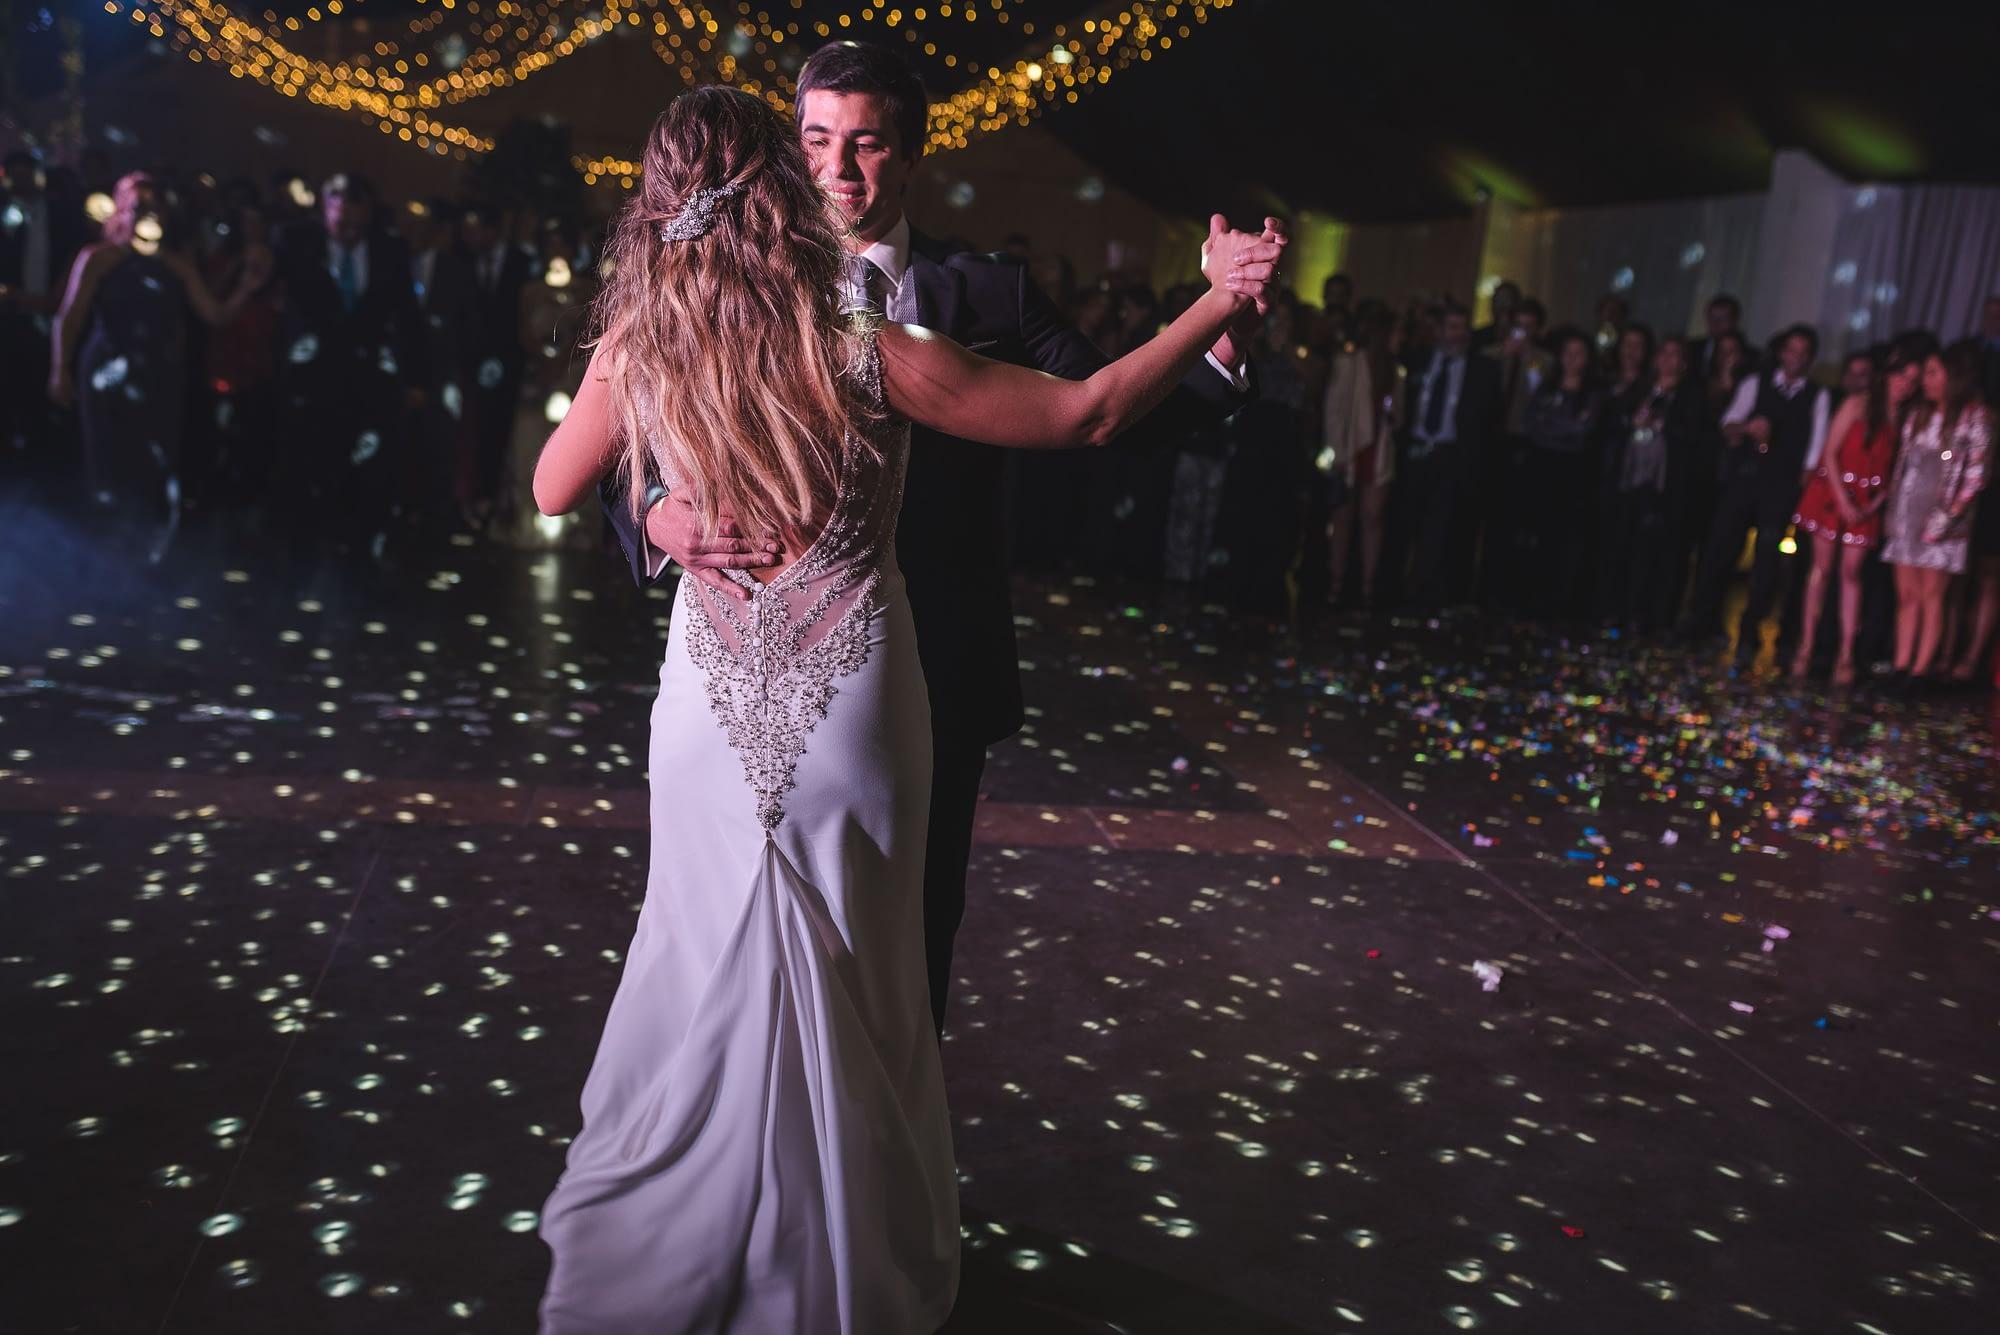 fotografo de matrimonios santiago- fotografo documental de matrimonios-club hipico-casa blanca-fiesta-vals novios